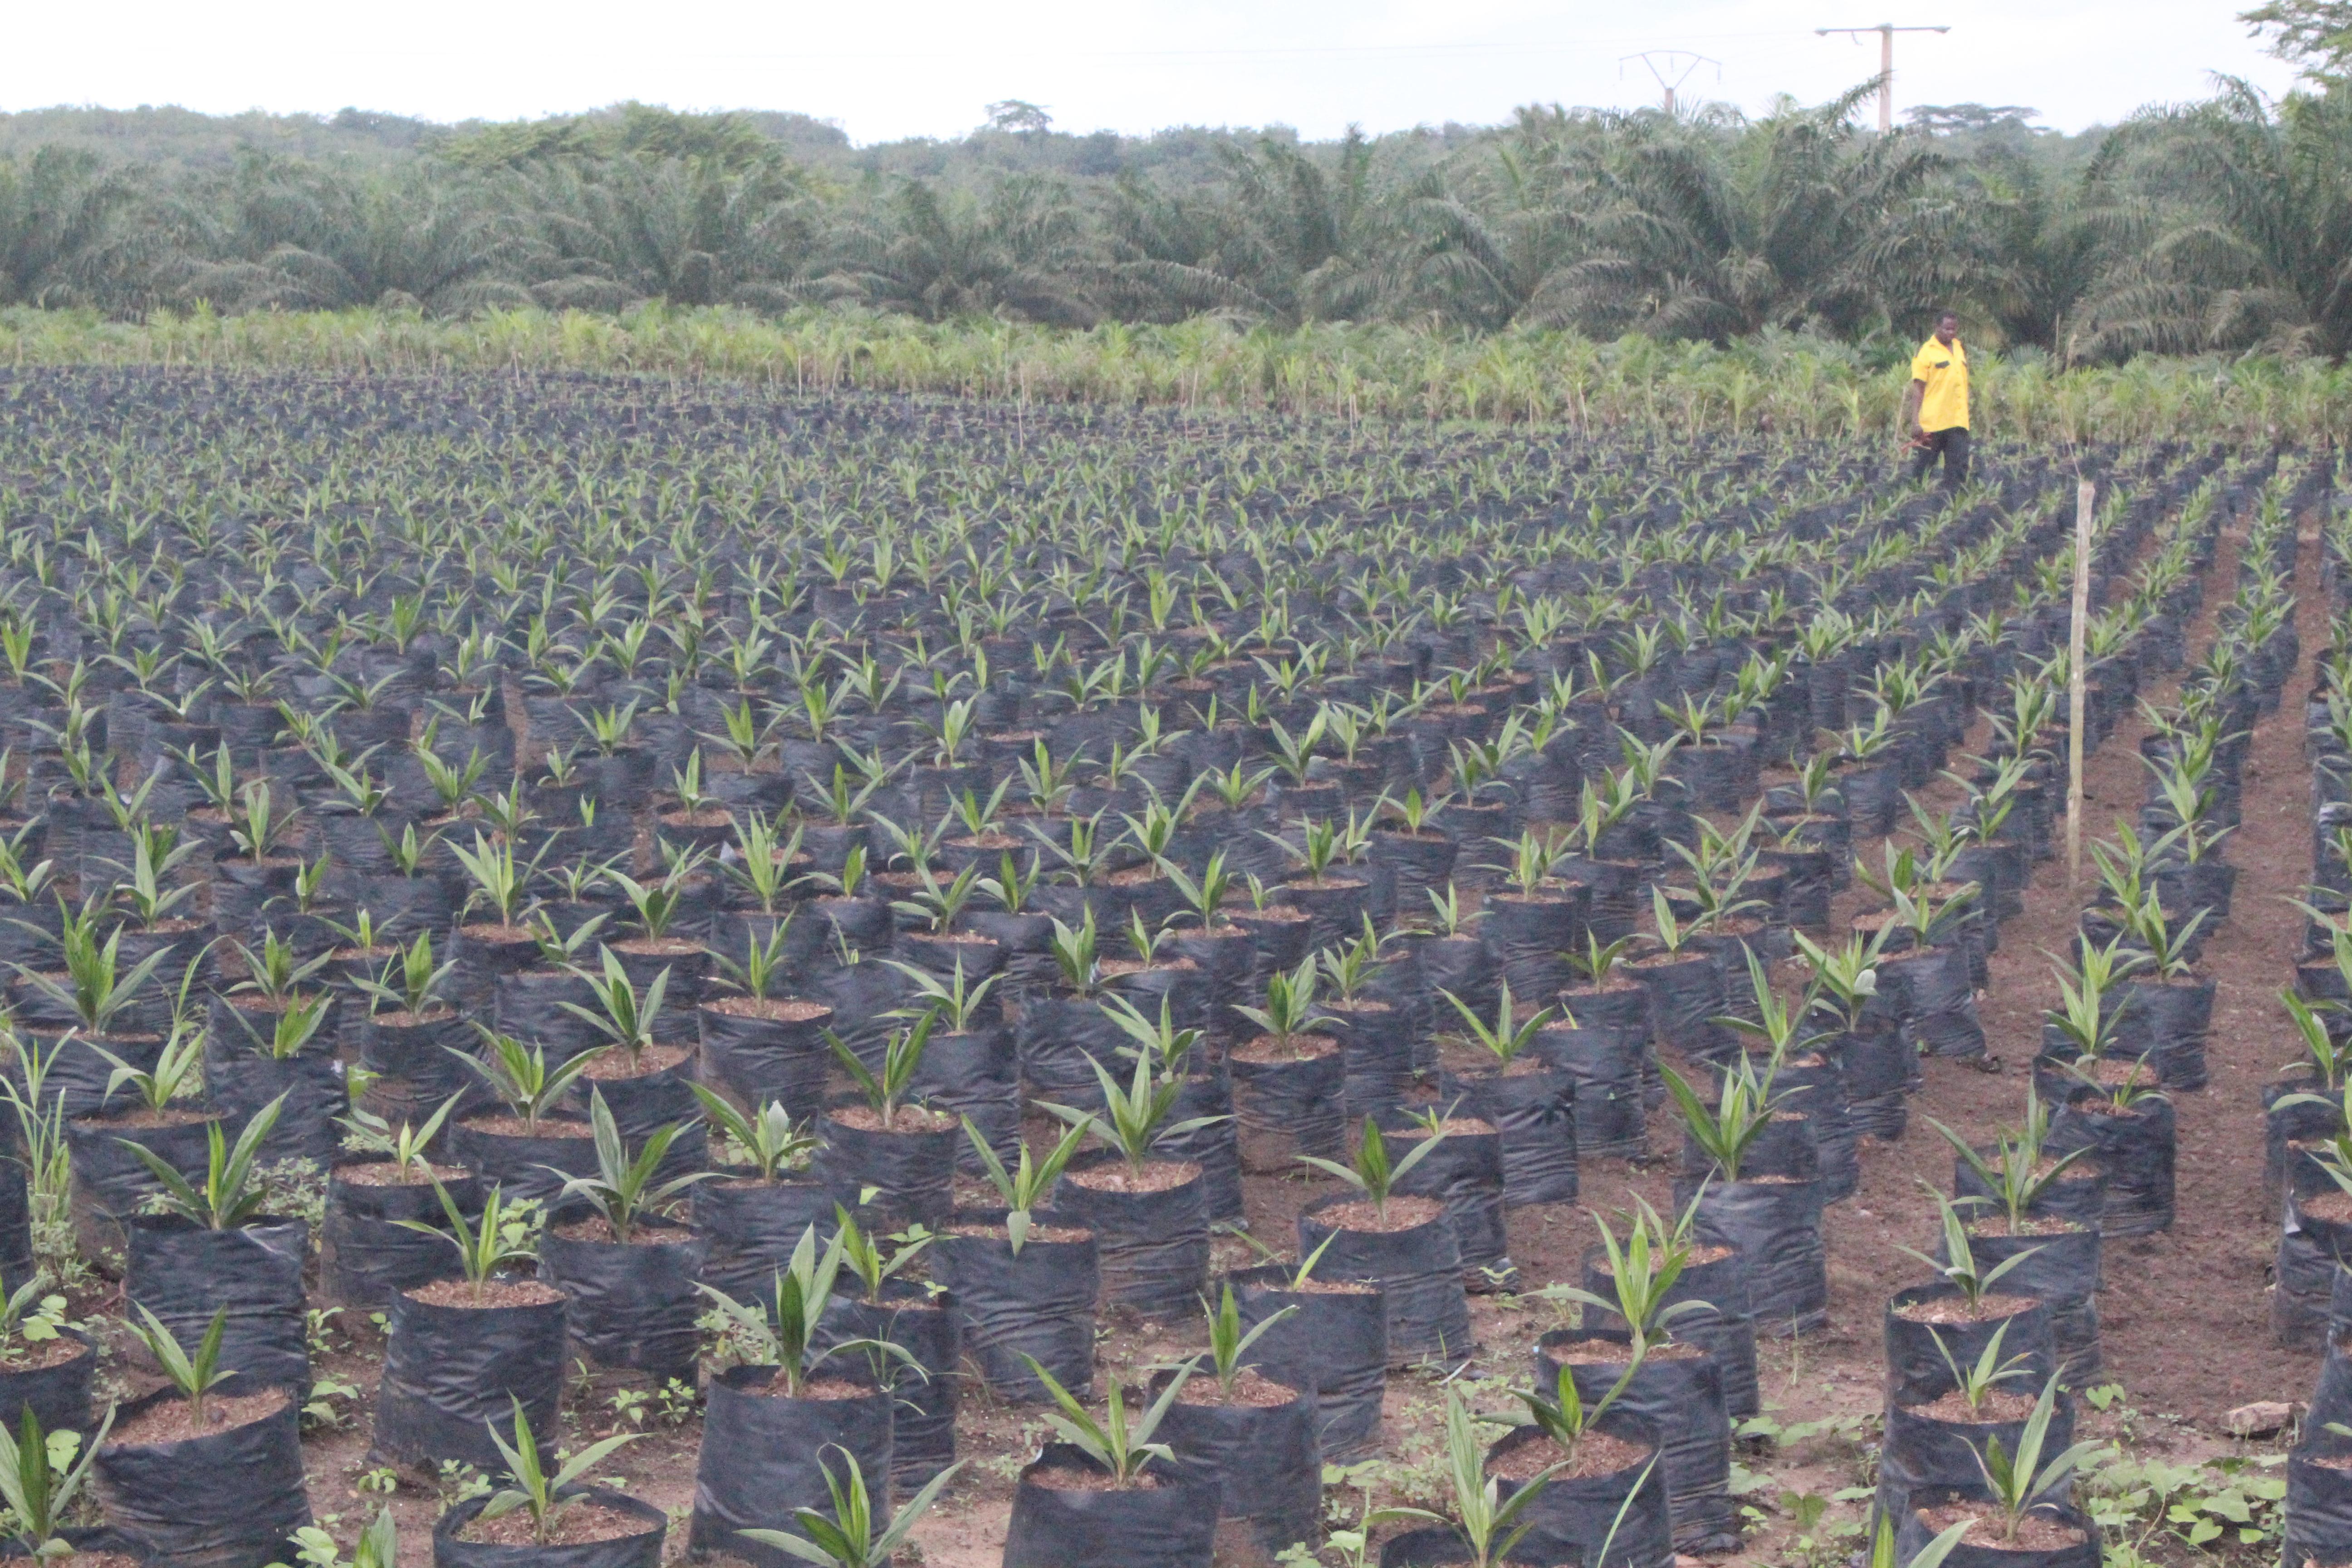 PALMAFRIQUE mise sur une sélection des meilleures graines germées et un entretien quotidien de ses pépinières.